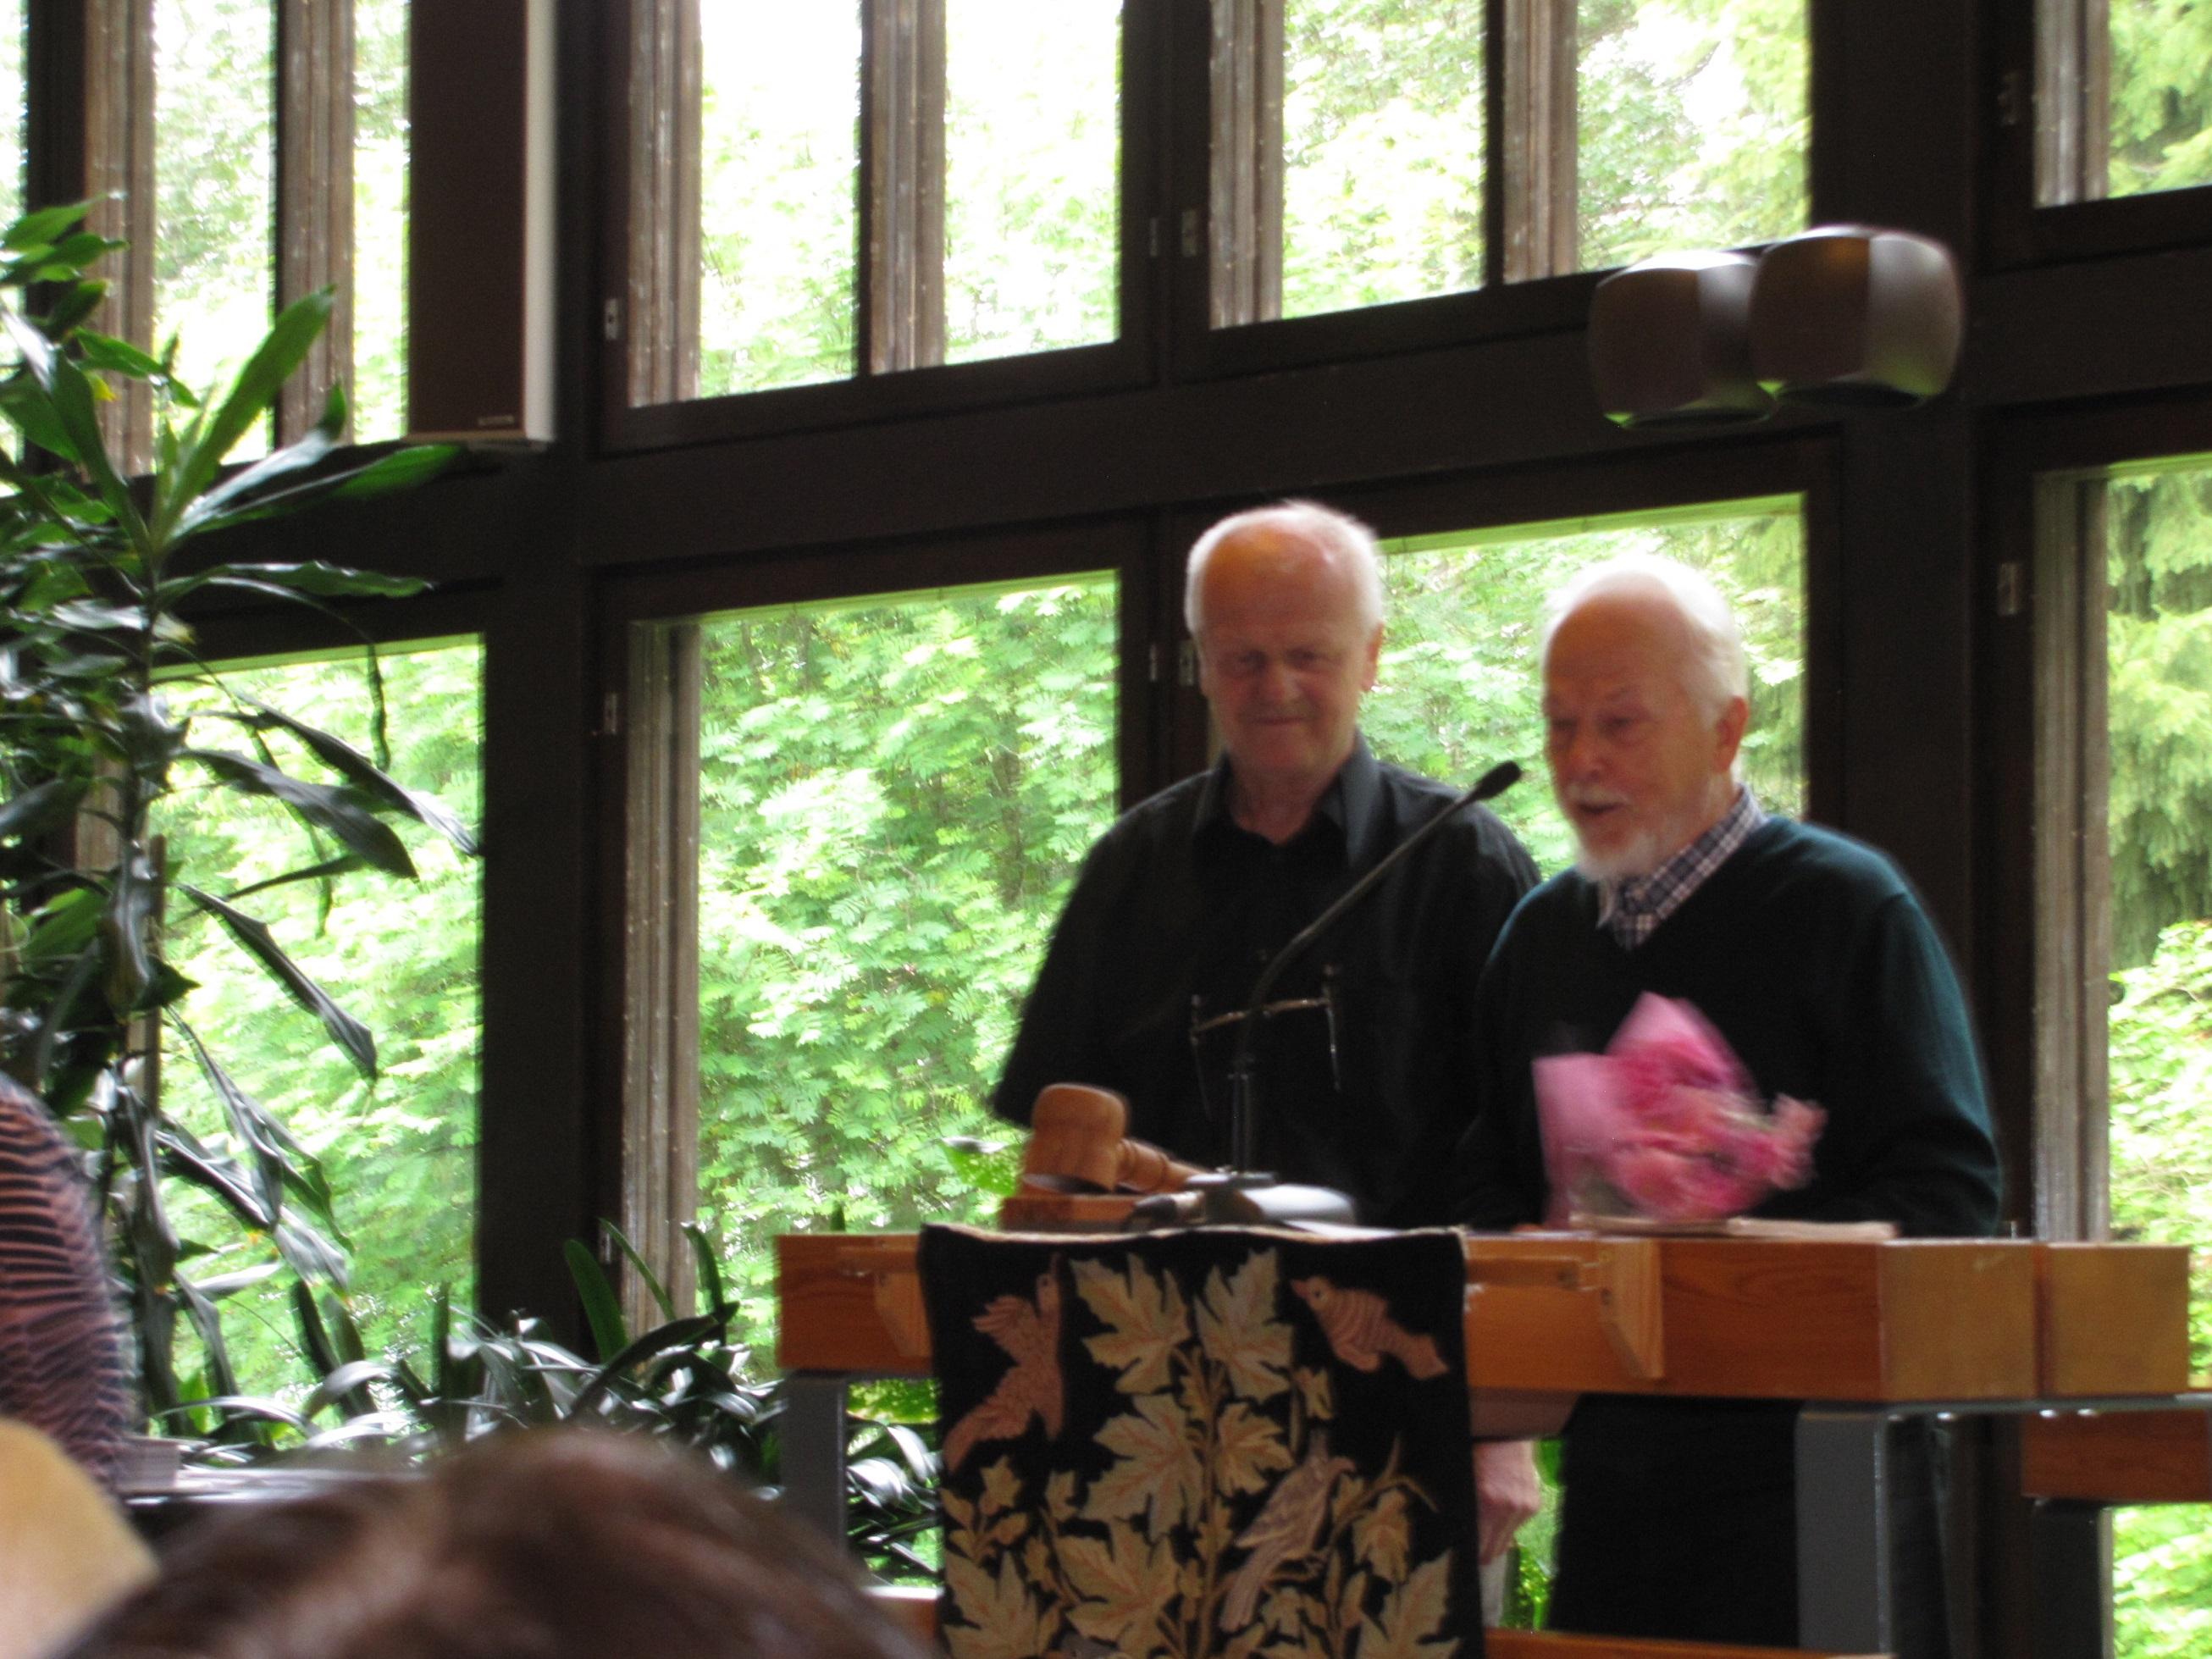 Kuvassa Paavo Sääski (oikealla) ja Vesa Keskitalo (vasemmalla) - Kuvaaja Kari Salohalme